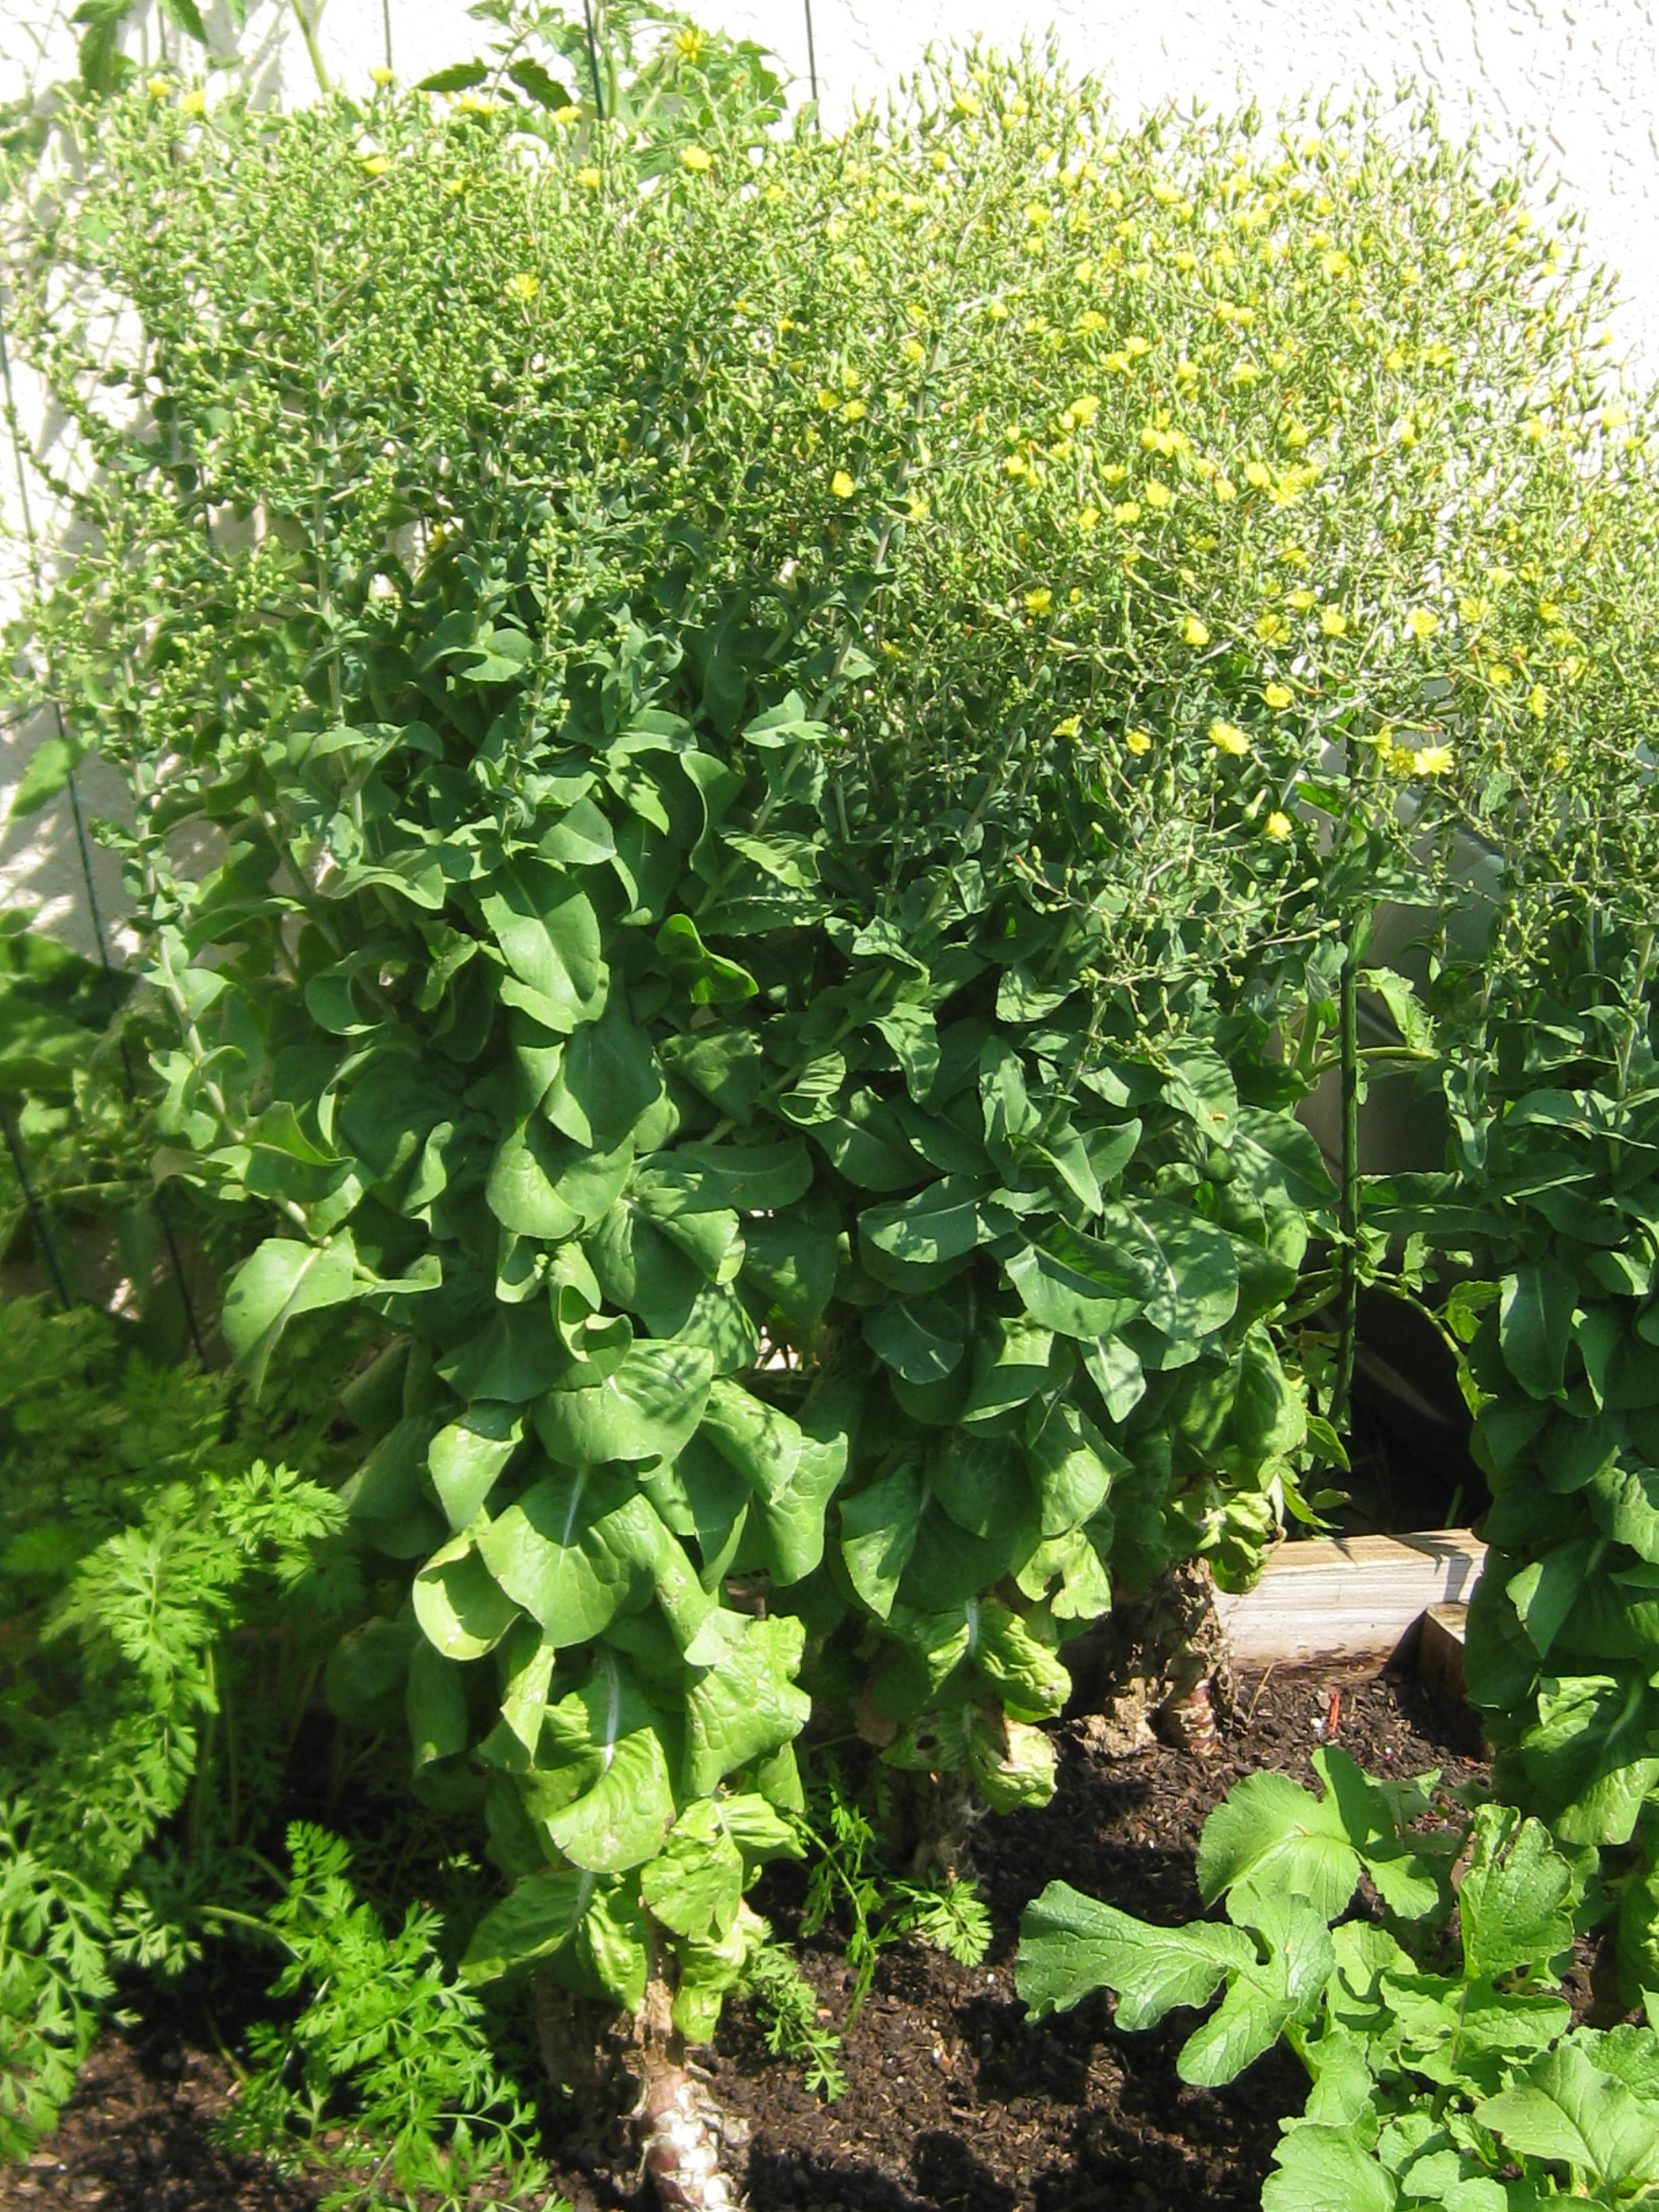 Saving lettuce seeds backyard fl gardening - How to store lettuce from garden ...